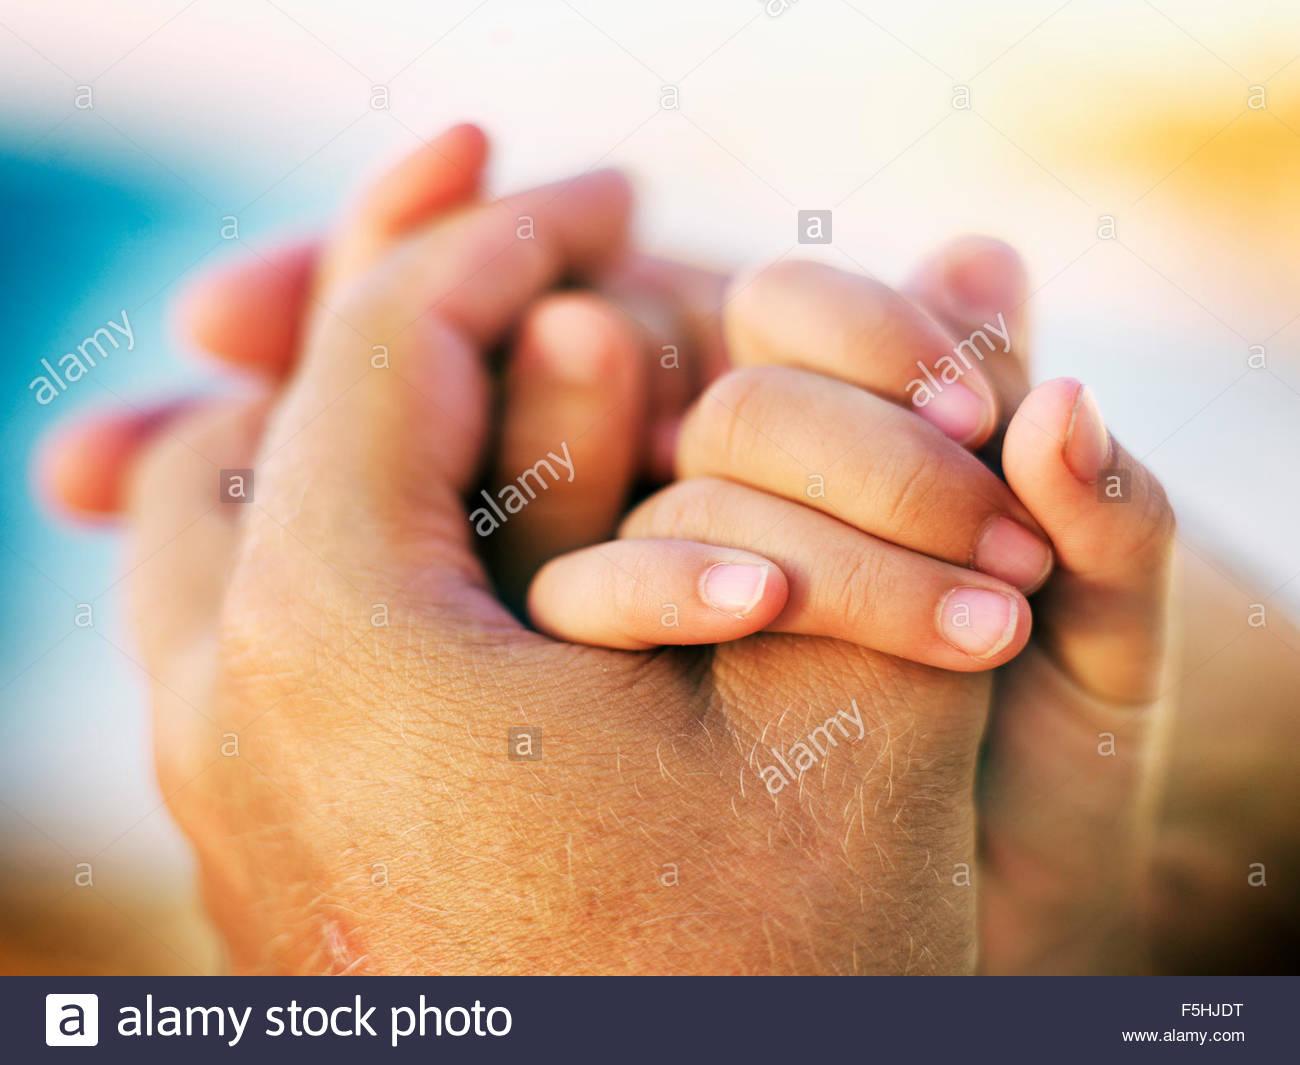 La Suède, la mère et la fille (8-9) holding hands Photo Stock